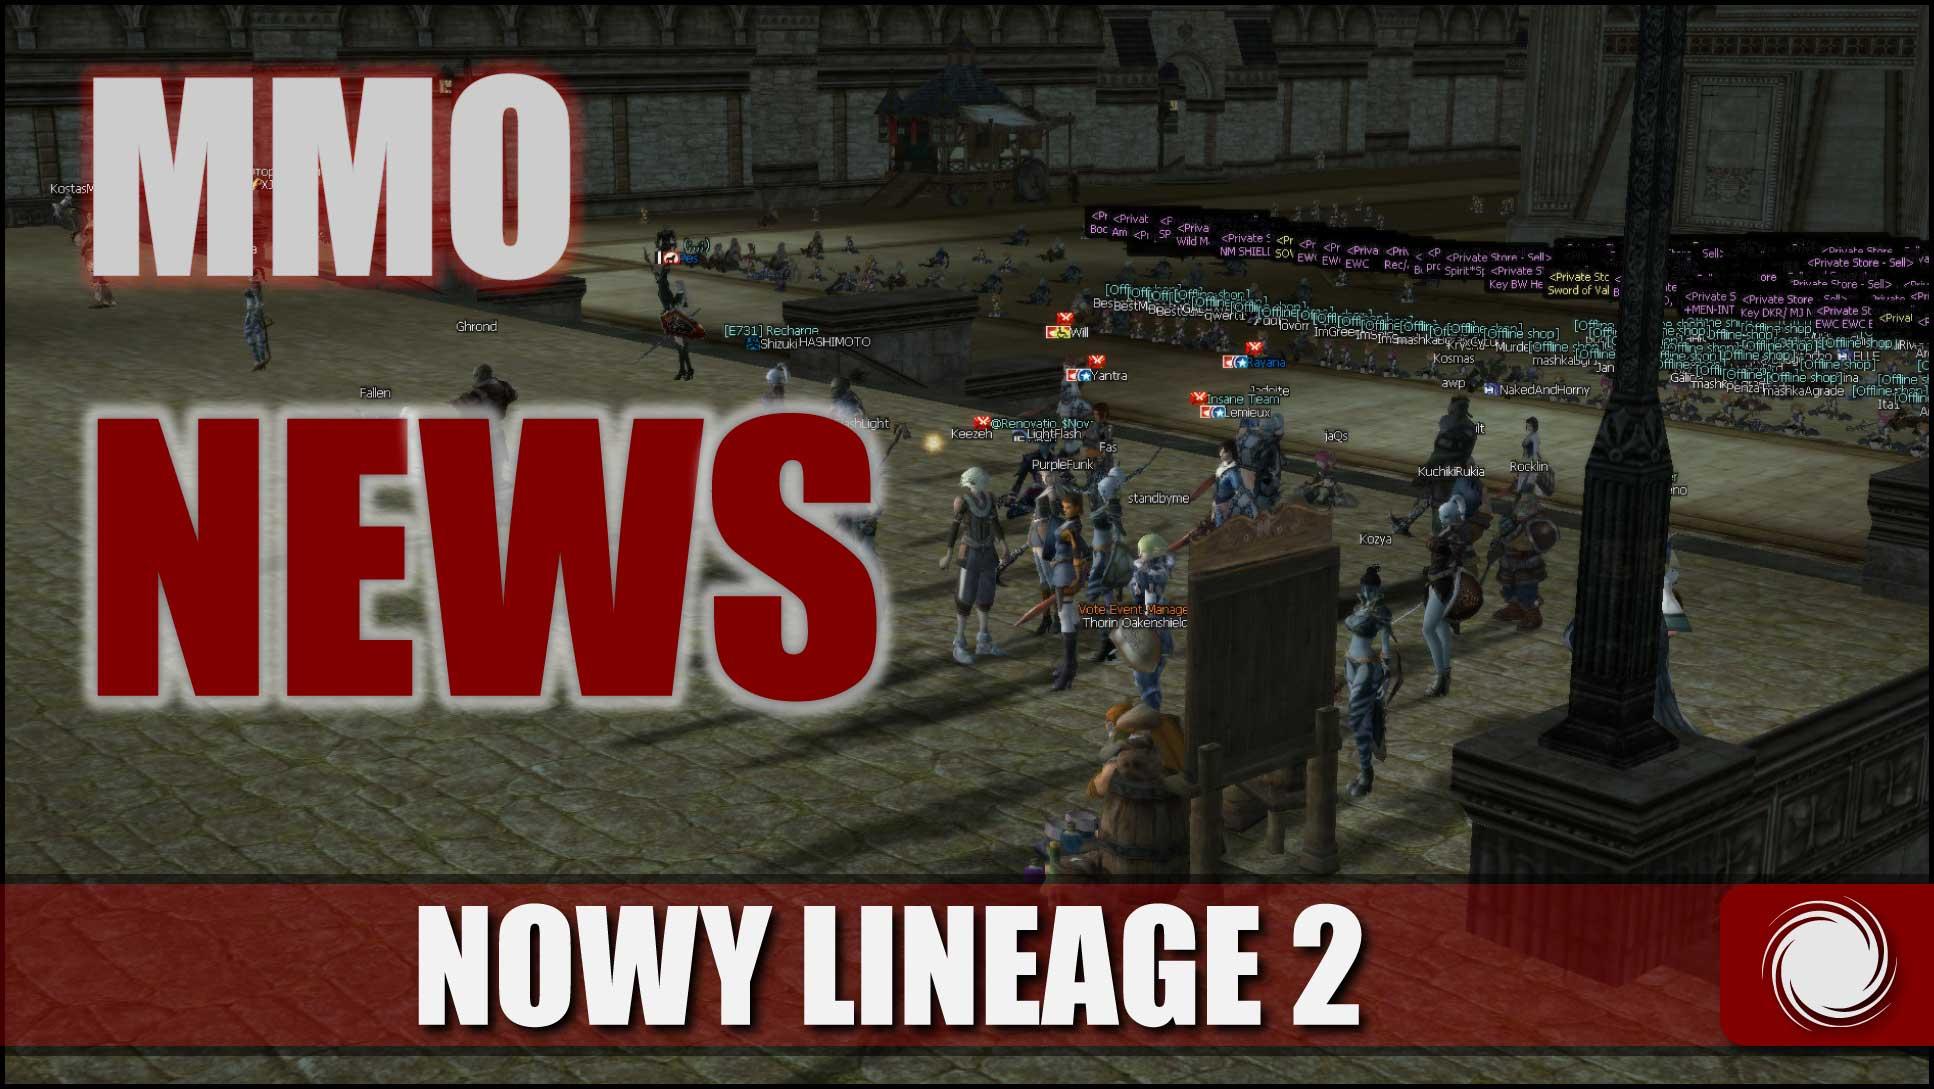 MMO News Nowy Lineage 2, elitarne specjalizacje wGuild Wars 2